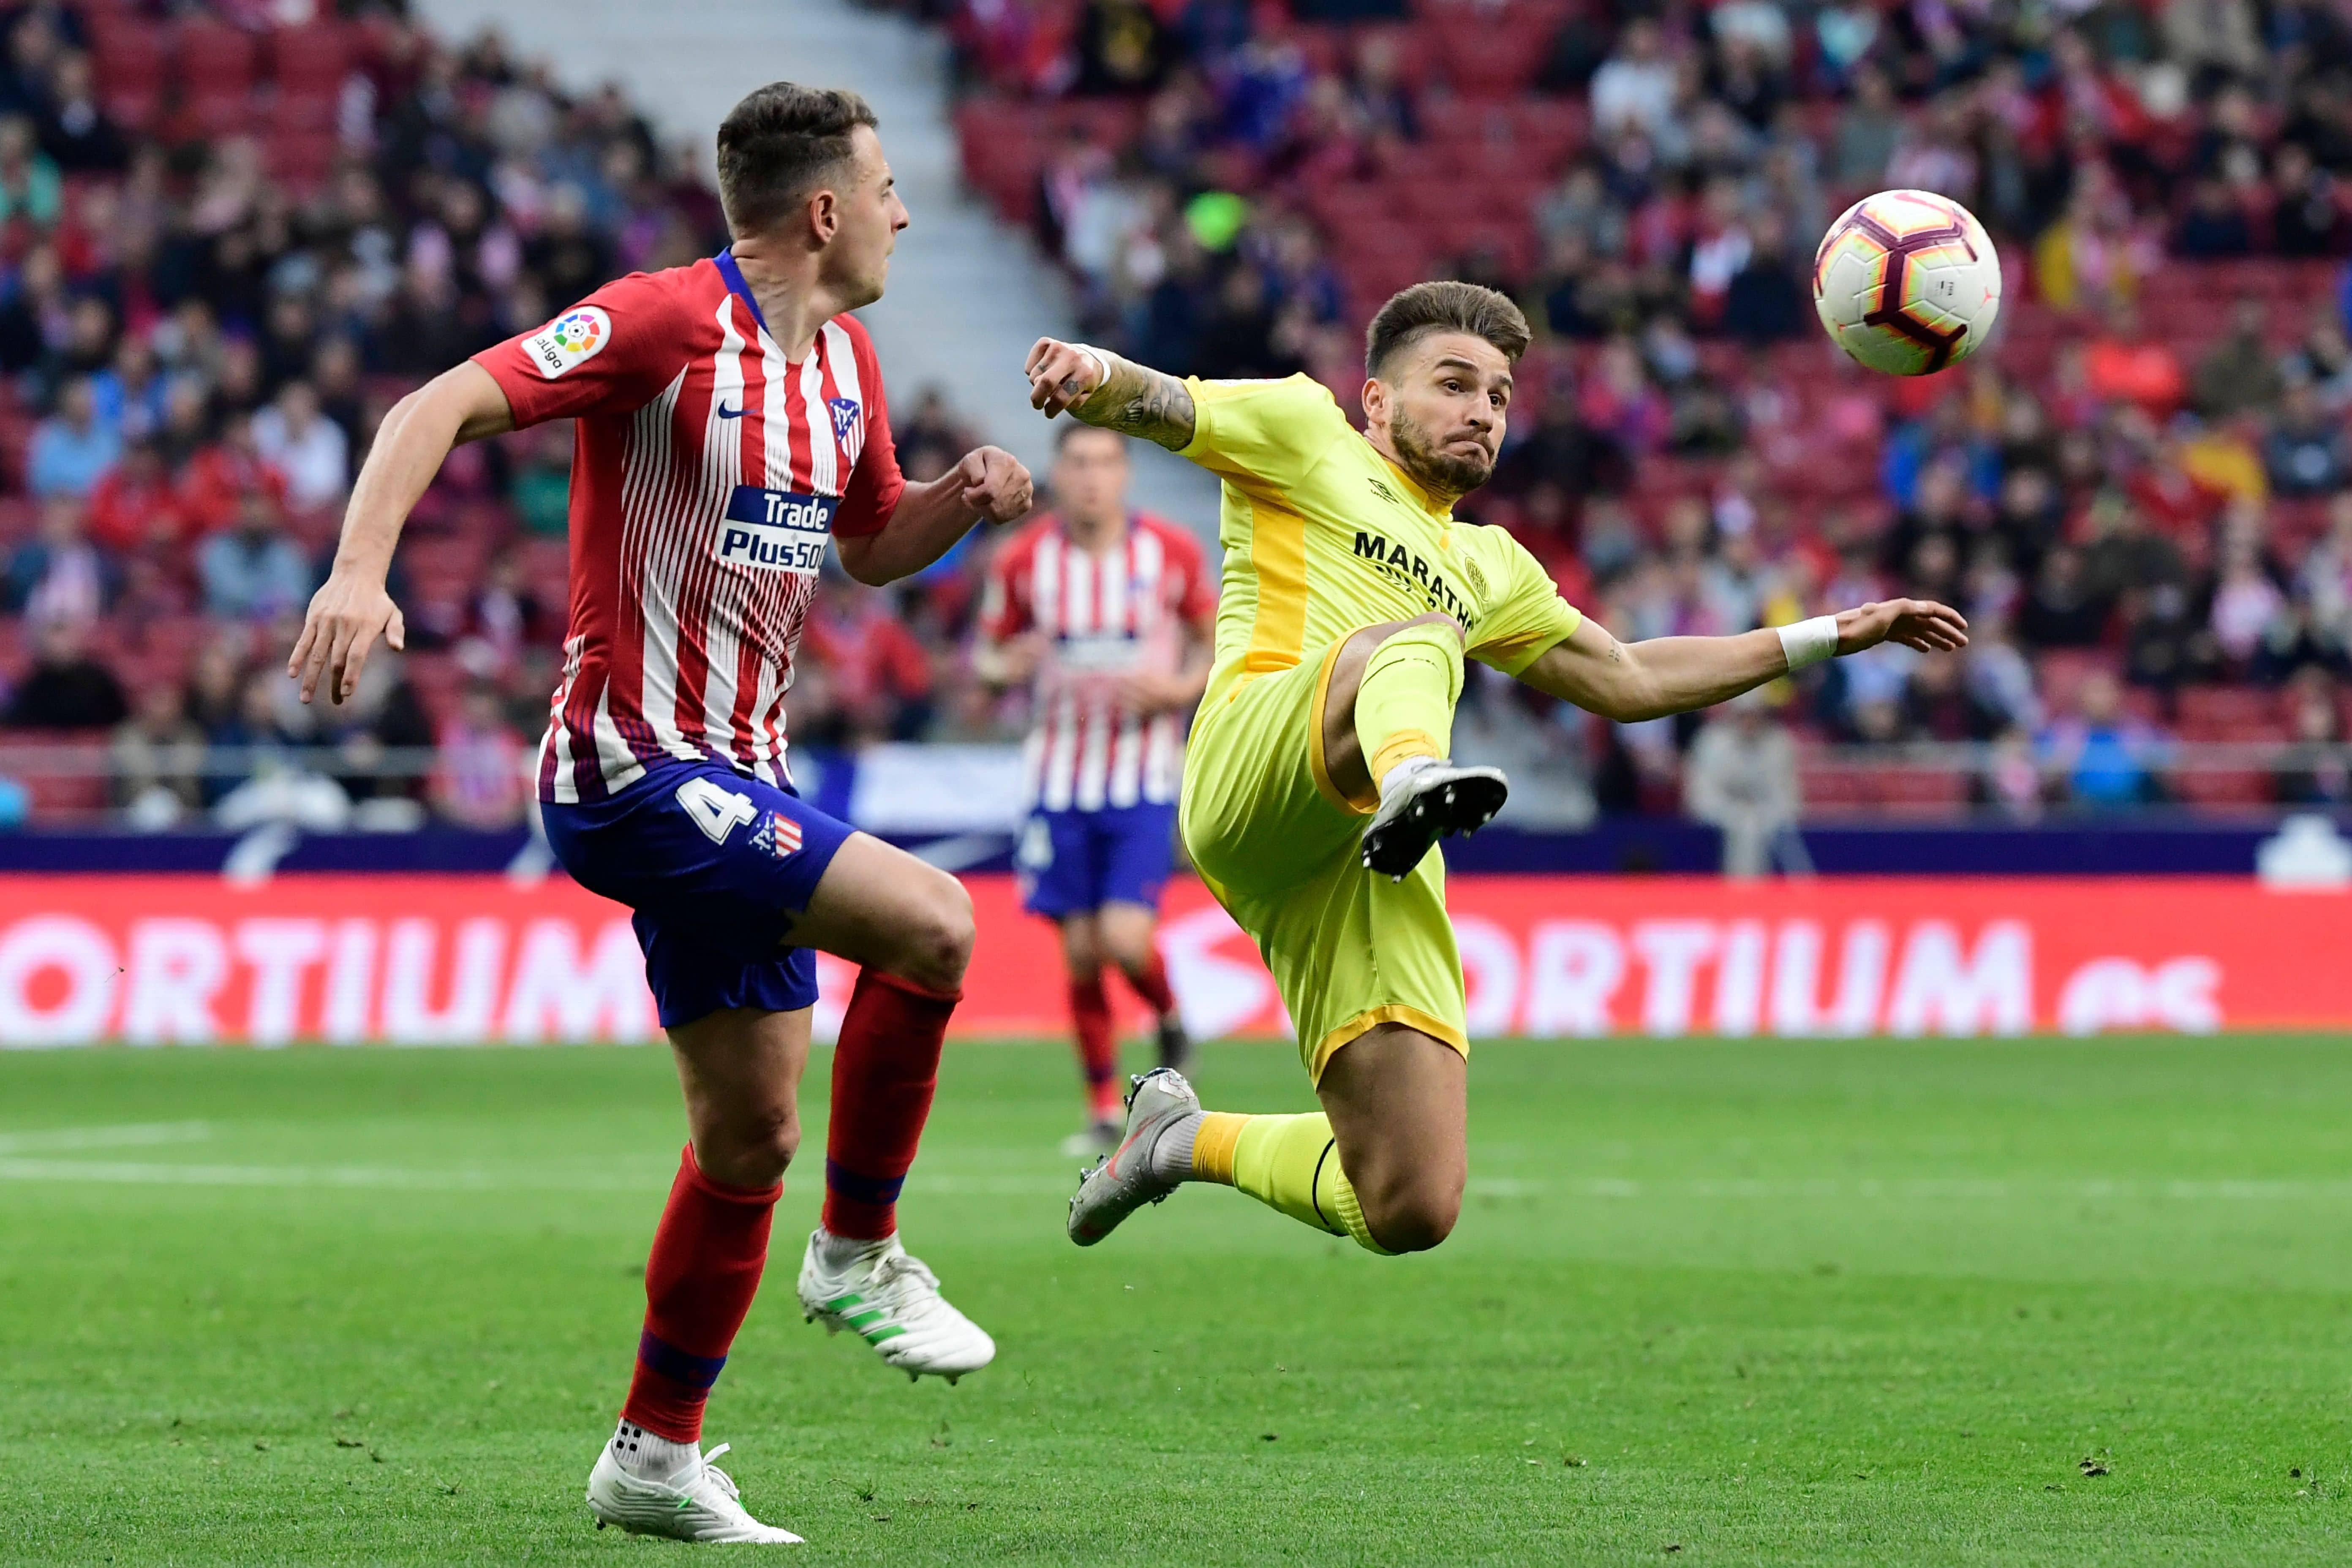 Aleix García disputa un balón a Gimenez